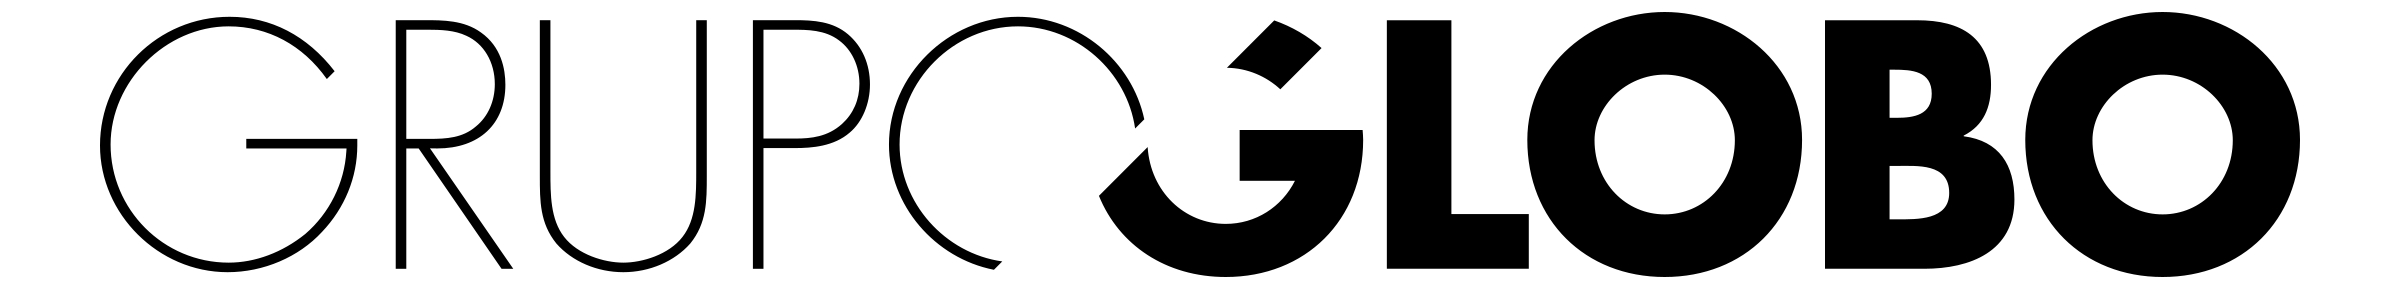 globo-logo-black-transparent.png